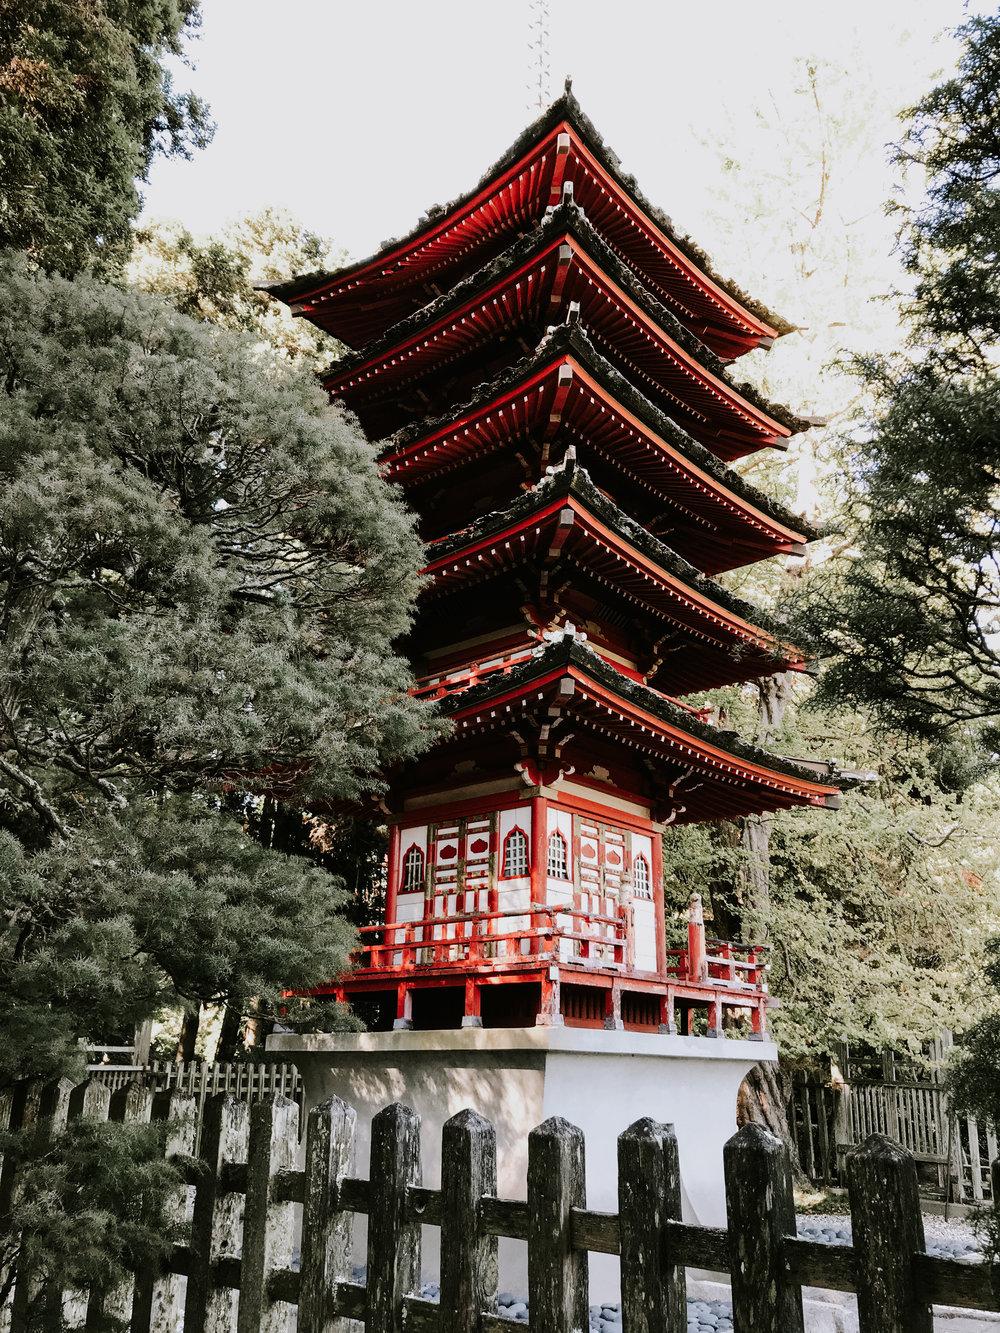 Viewing the Japanese Tea Garden